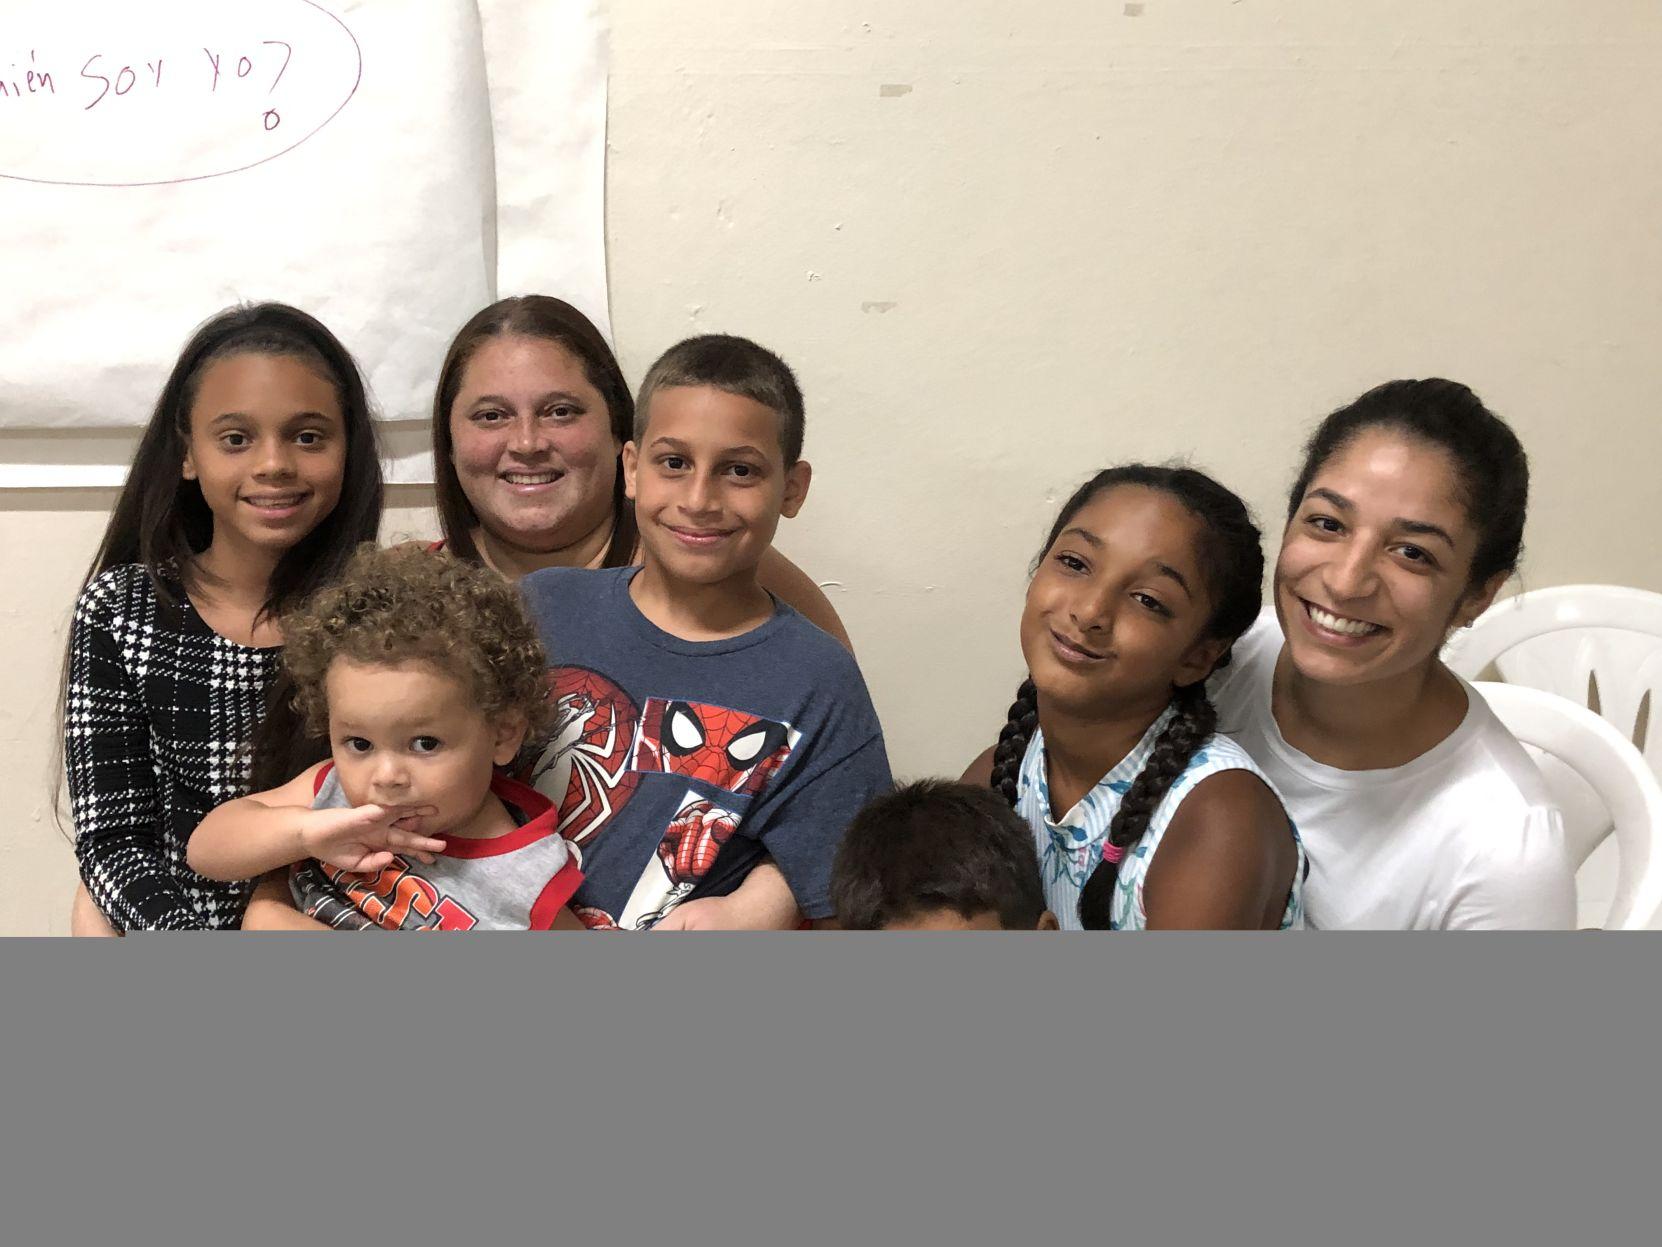 Niños encuentran espacio de sosiego en momentos de crisis